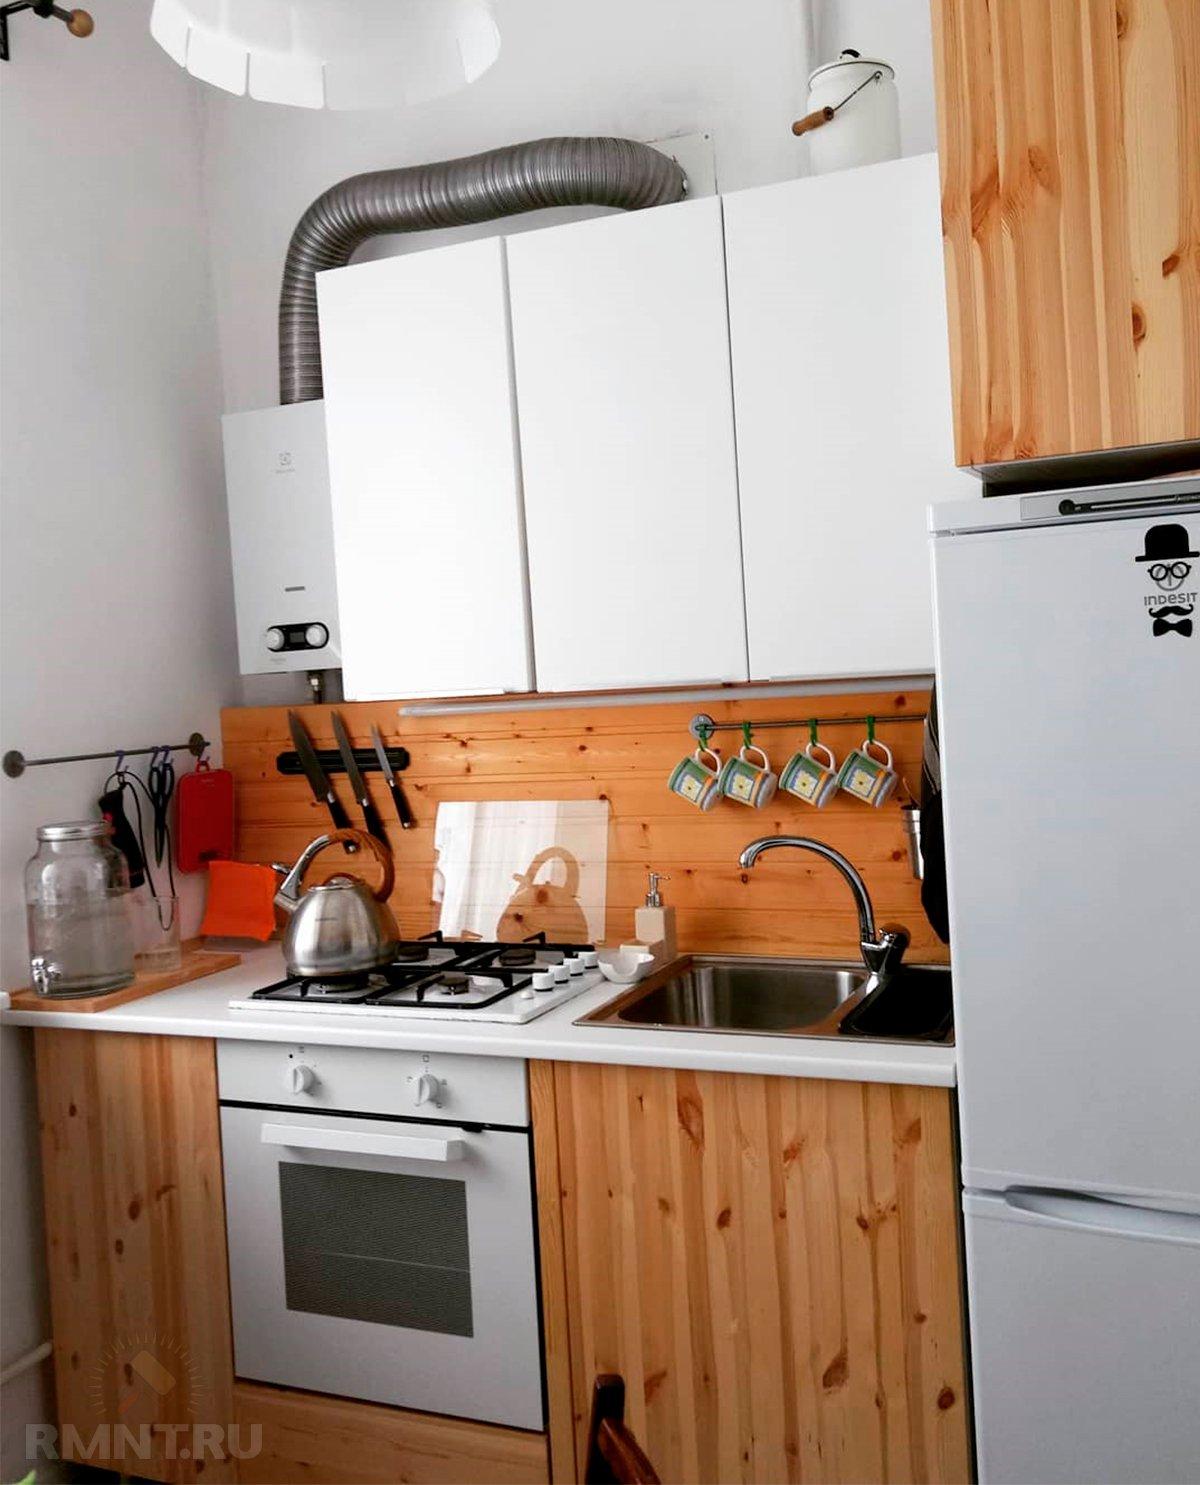 Газовая колонка: какая лучше, отзывы специалистов, как выбрать для квартиры, рейтинг по надежности и качеству